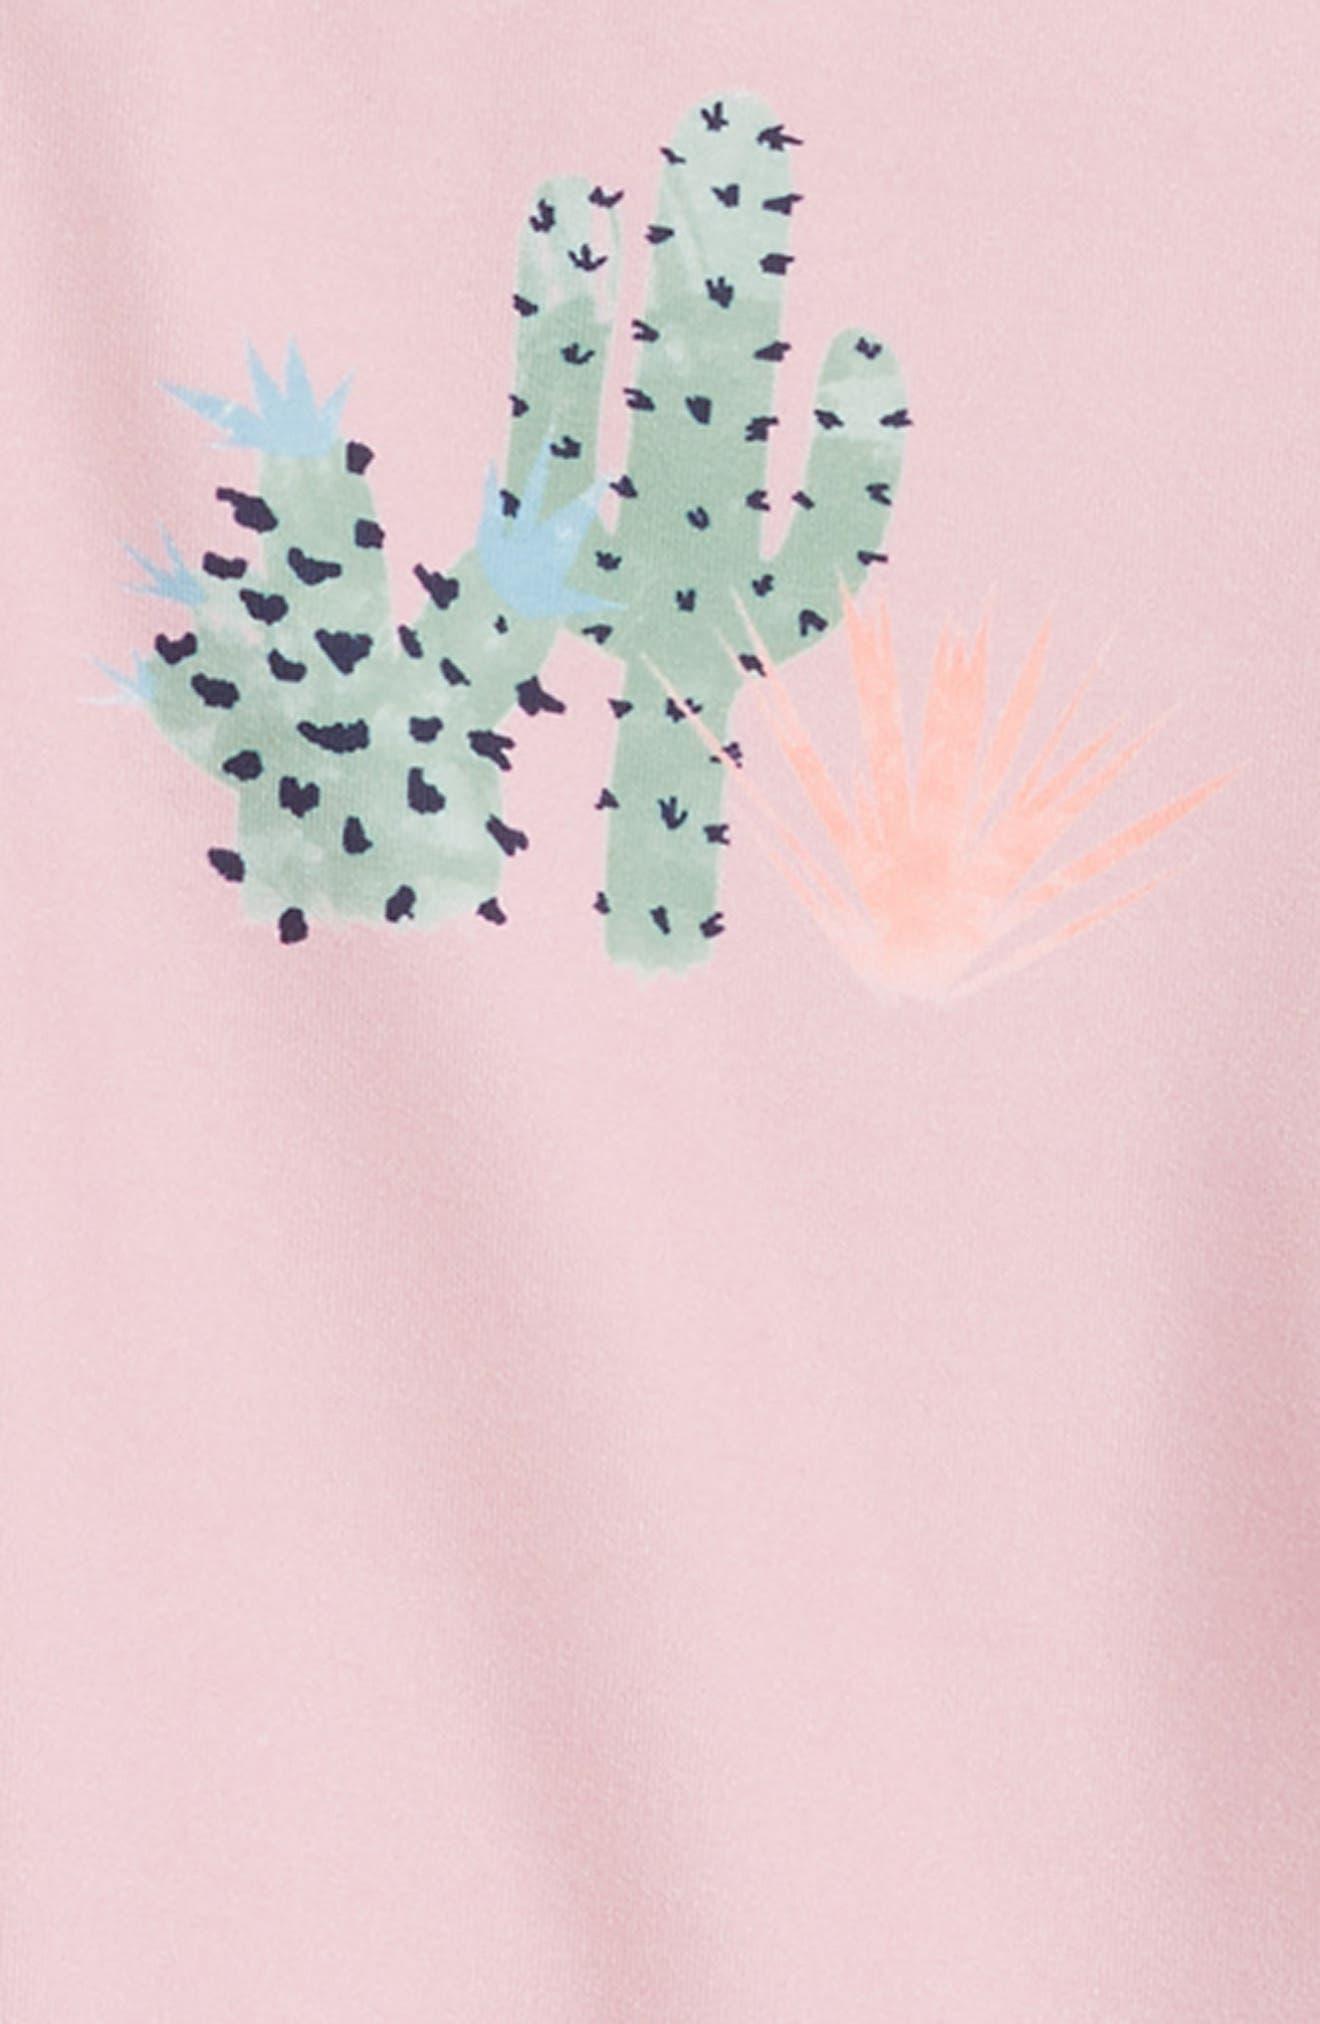 Cacti Short Sleeve Rashguard,                             Alternate thumbnail 3, color,                             650